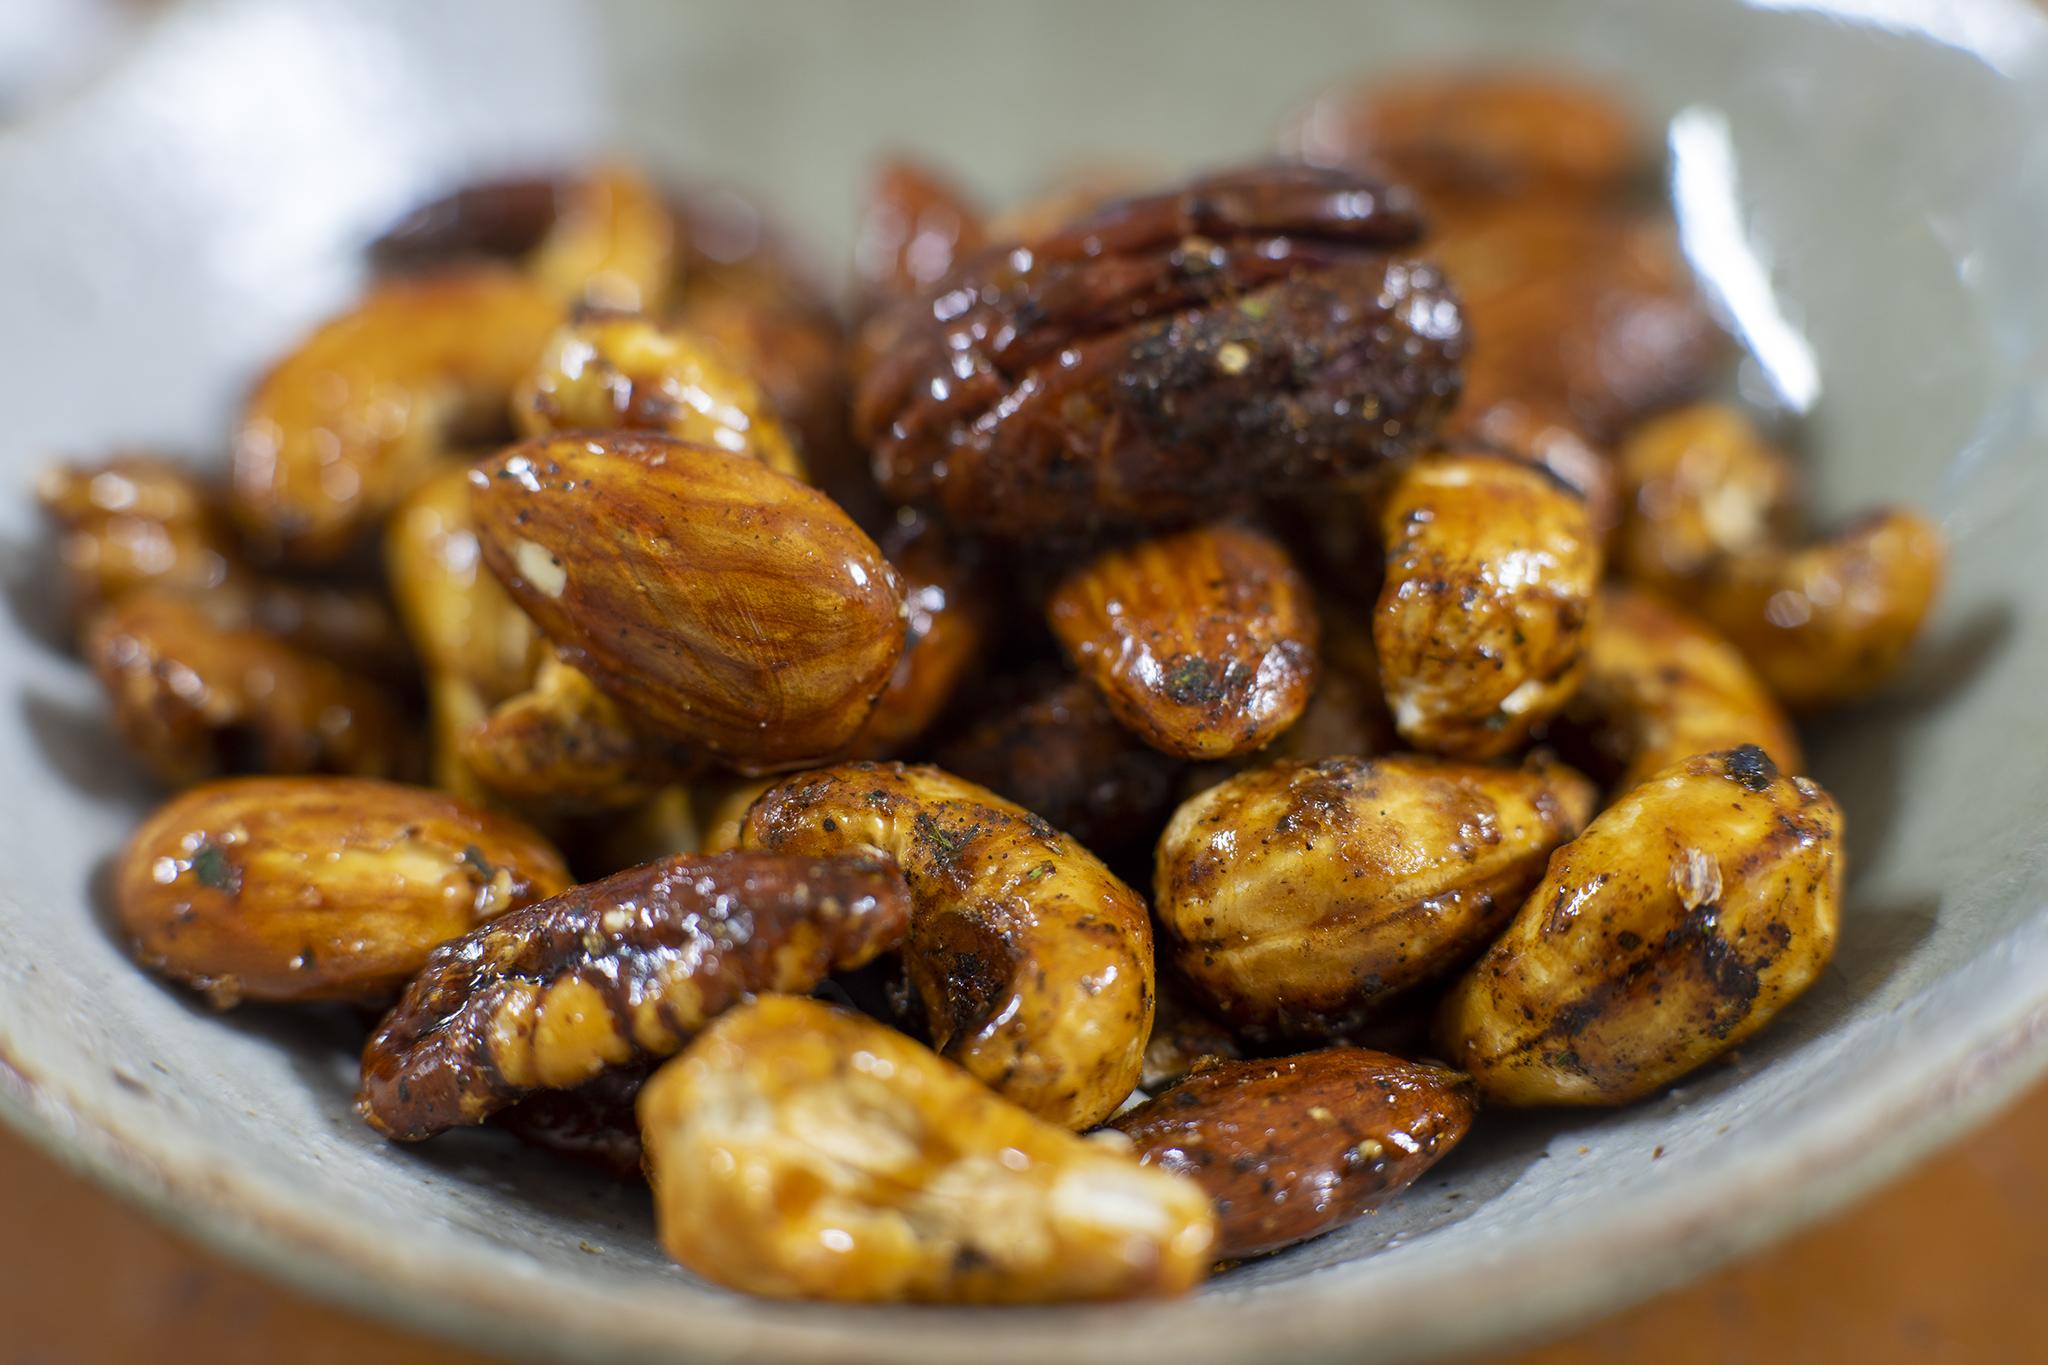 祇園「黒七味ナッツ」は山椒と七味と甘辛醤油が絶妙過ぎ!